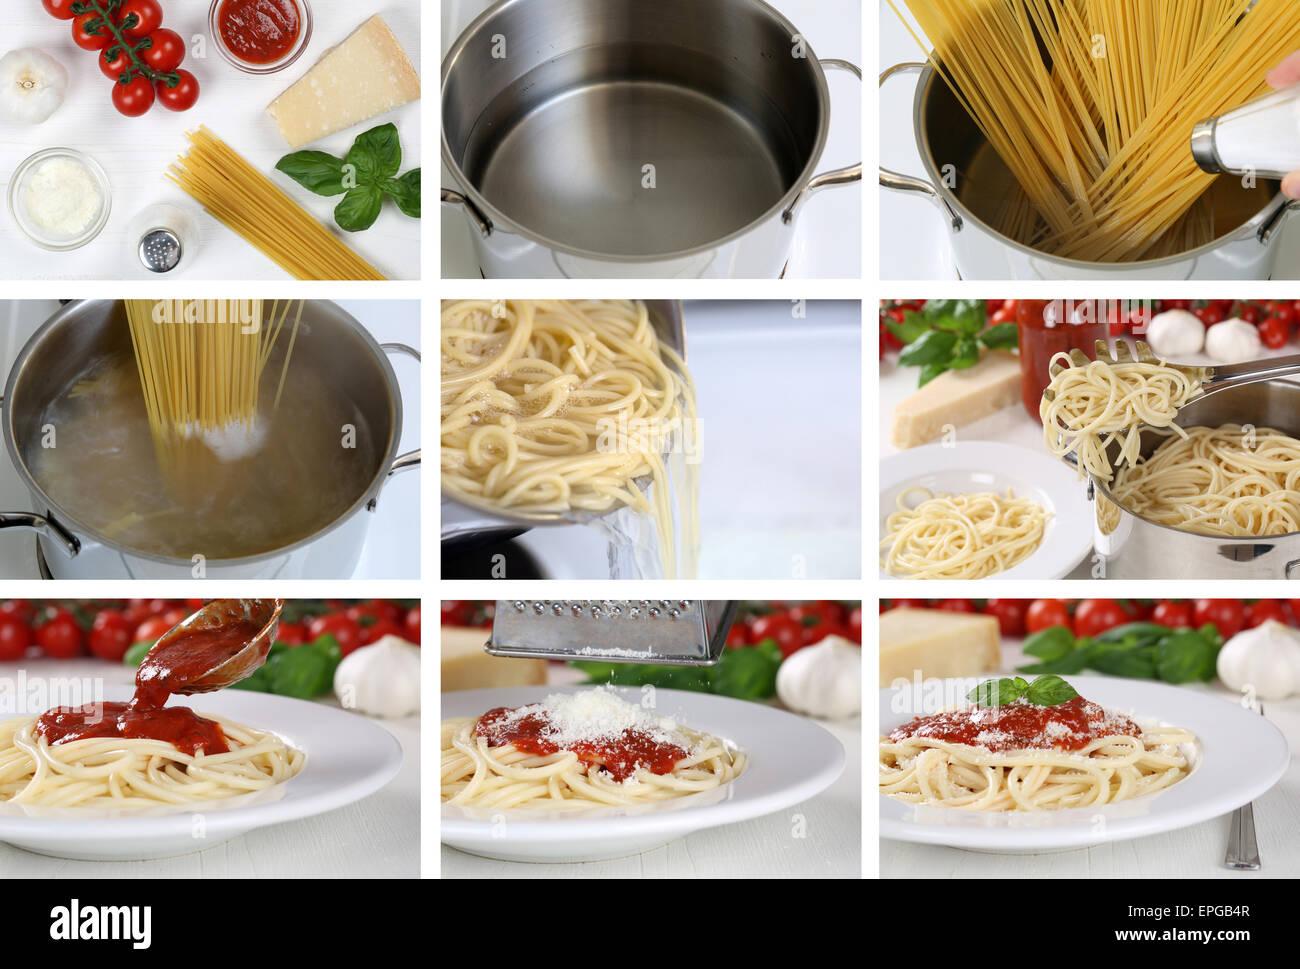 Spaghetti Nudeln Pasta Mit Tomaten Sauce Kochen Anleitung Schritt Stock Photo Alamy